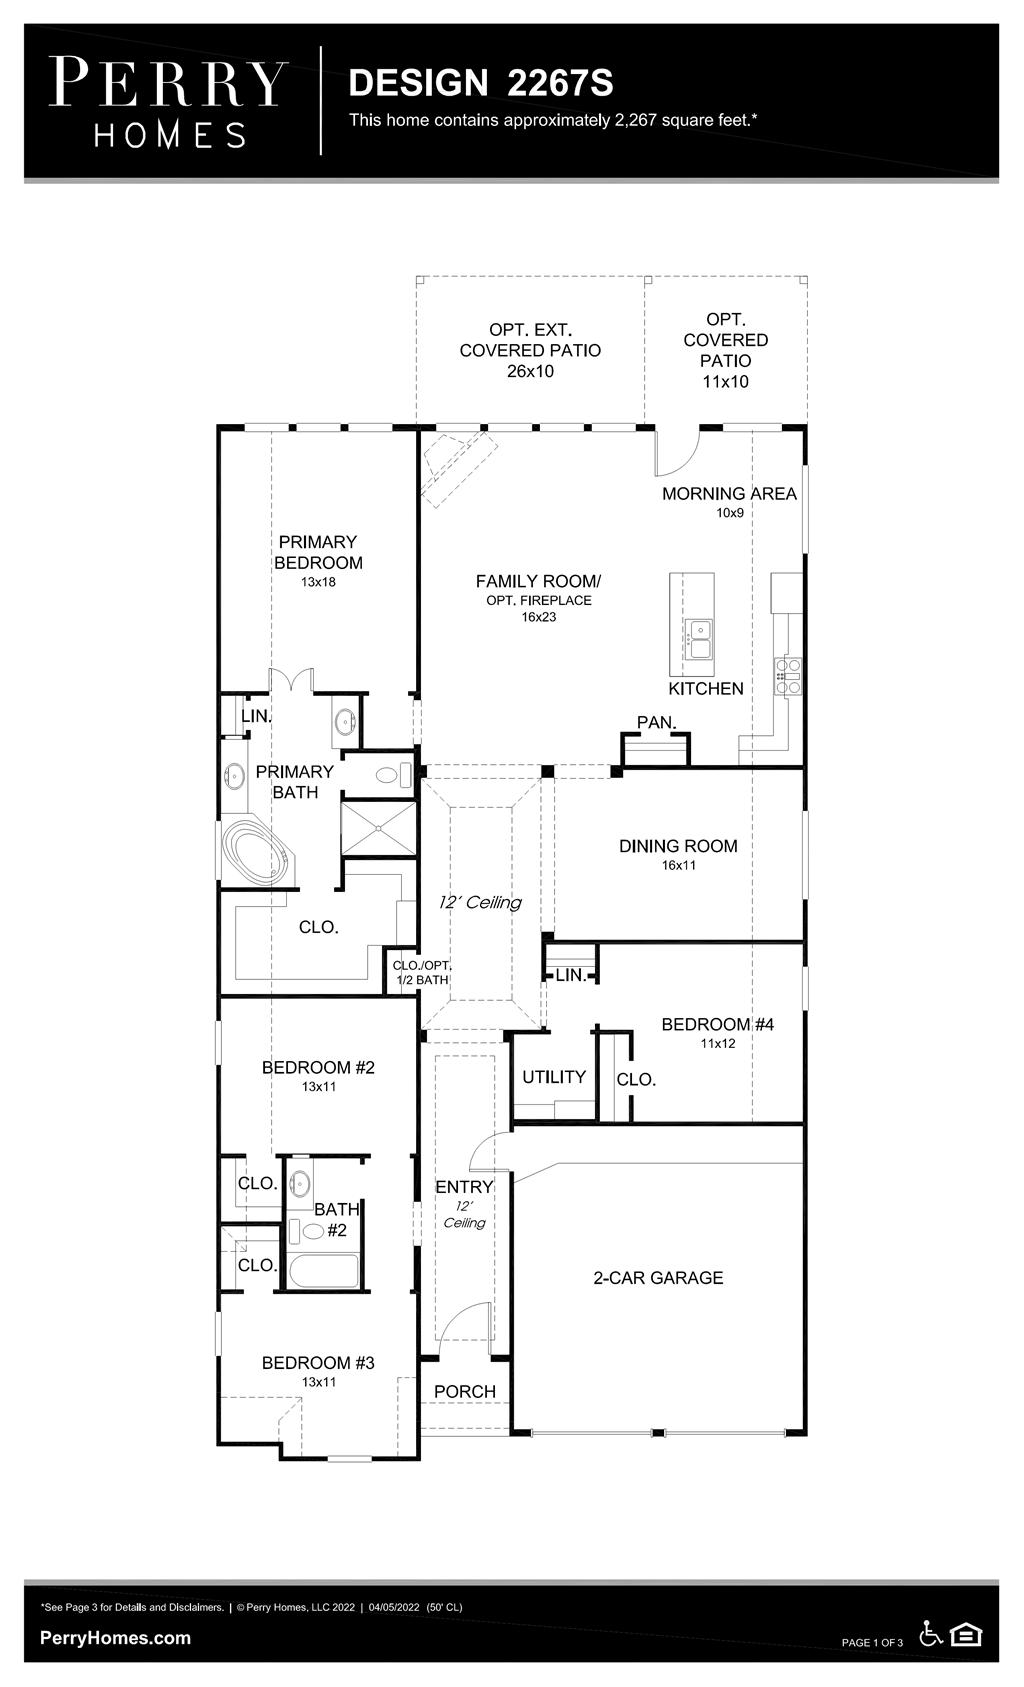 Floor Plan for 2267S